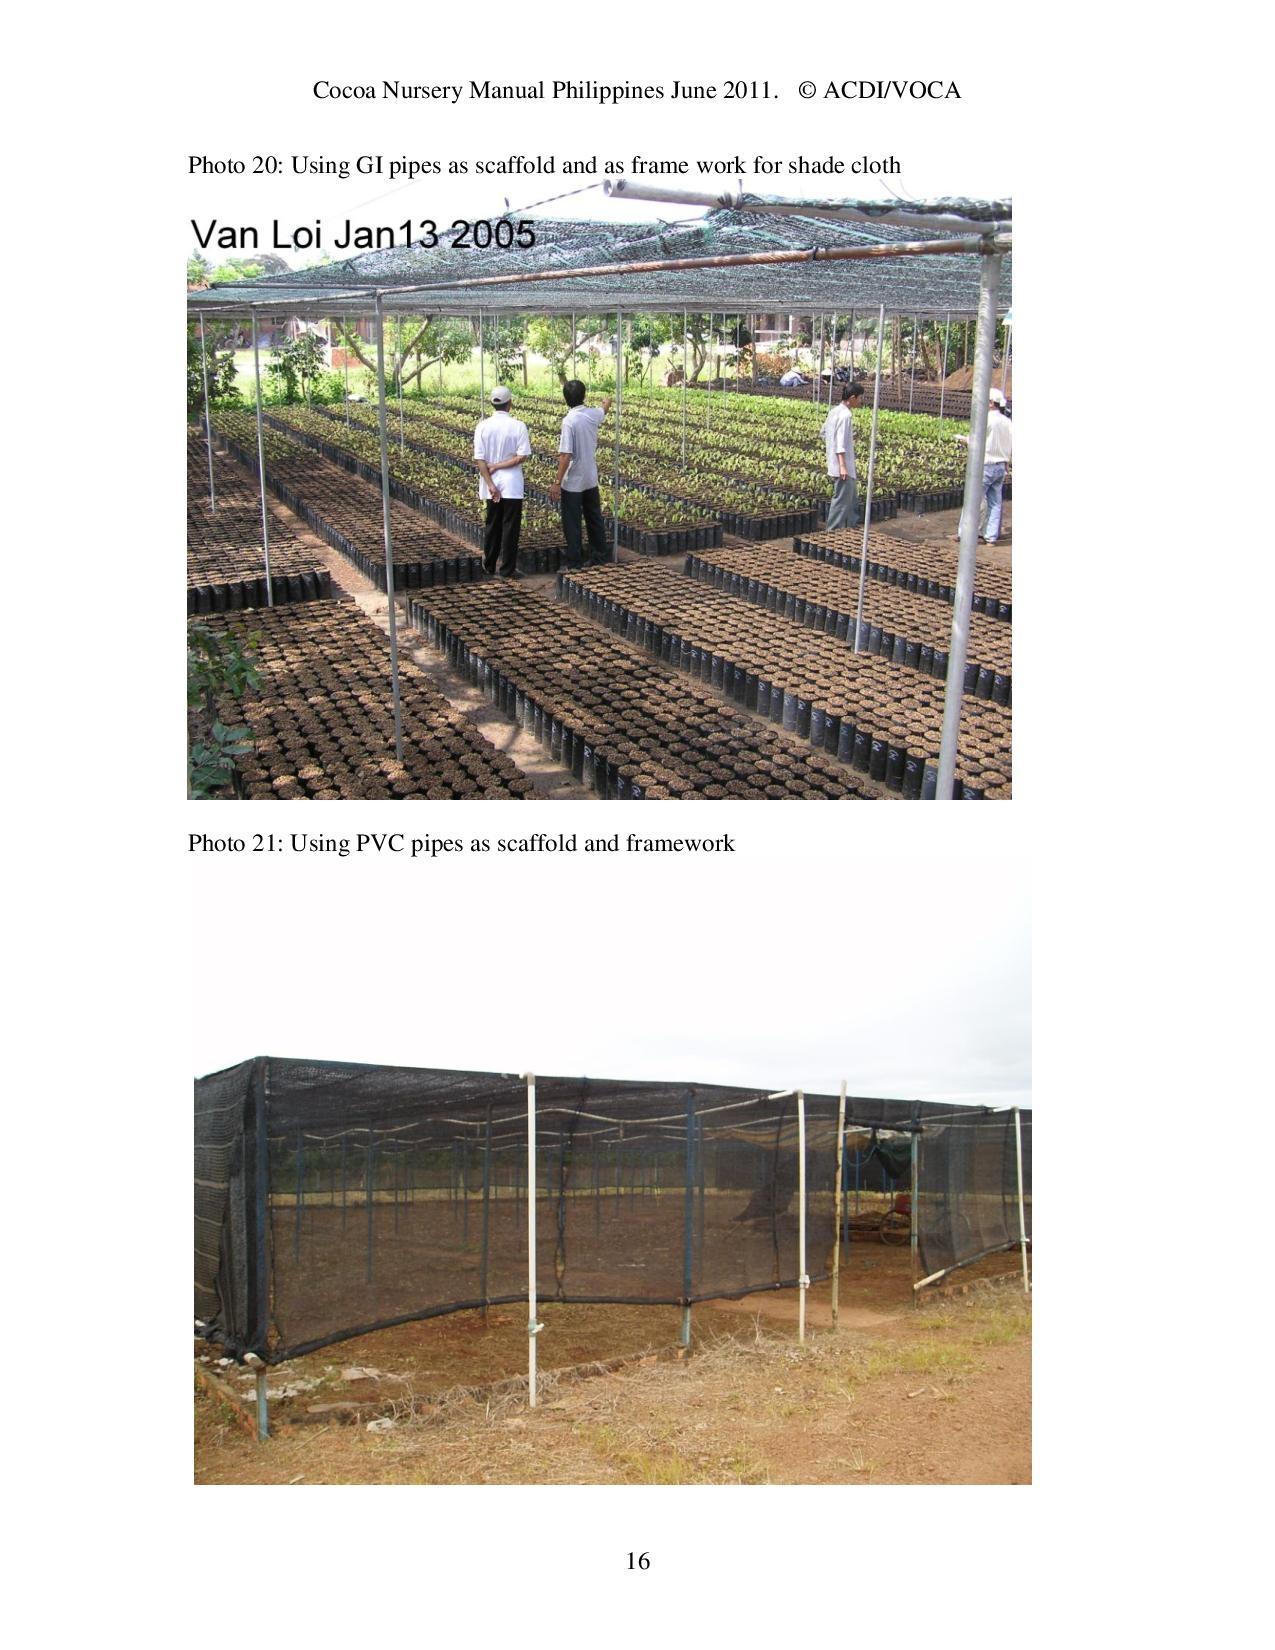 Cocoa-Nursery-Manual-2011_acdi-voca-page-016